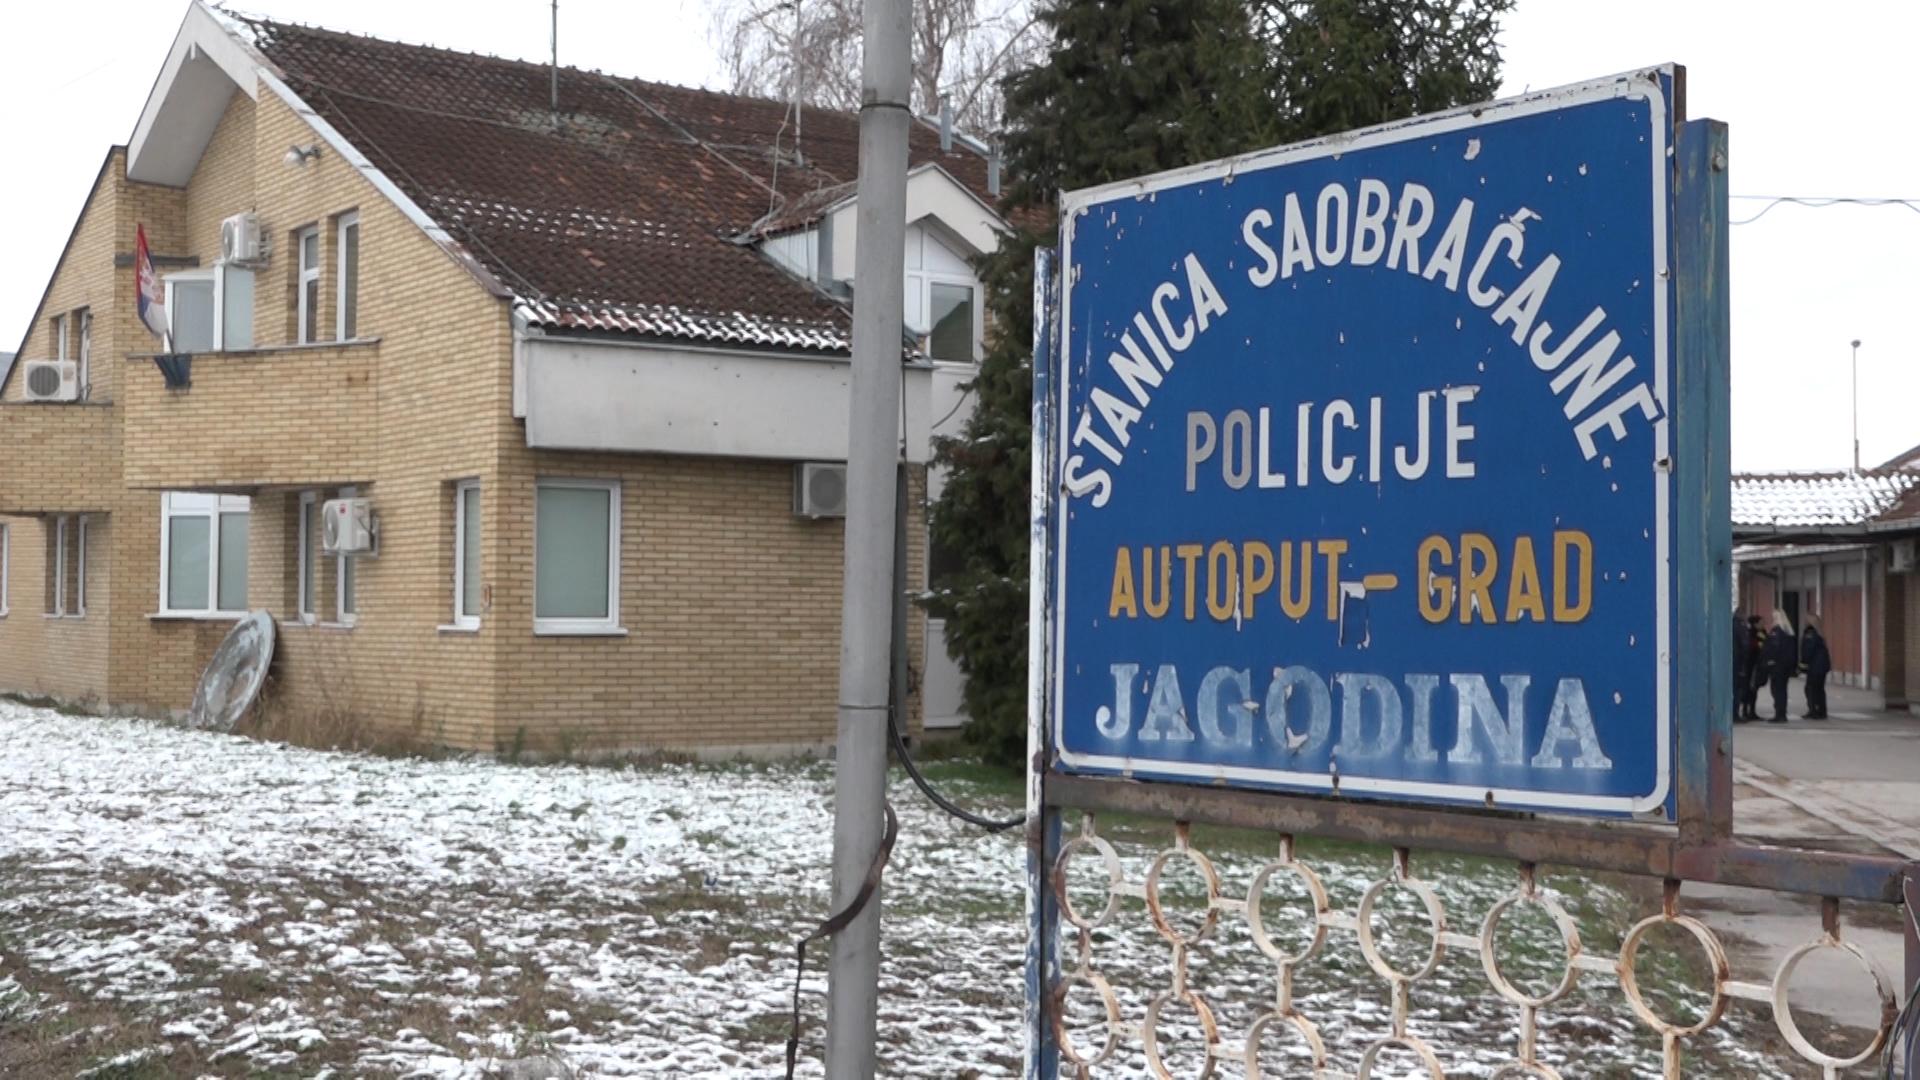 Pojačana kontrola saobraćajne policije tokom predstojećih praznika